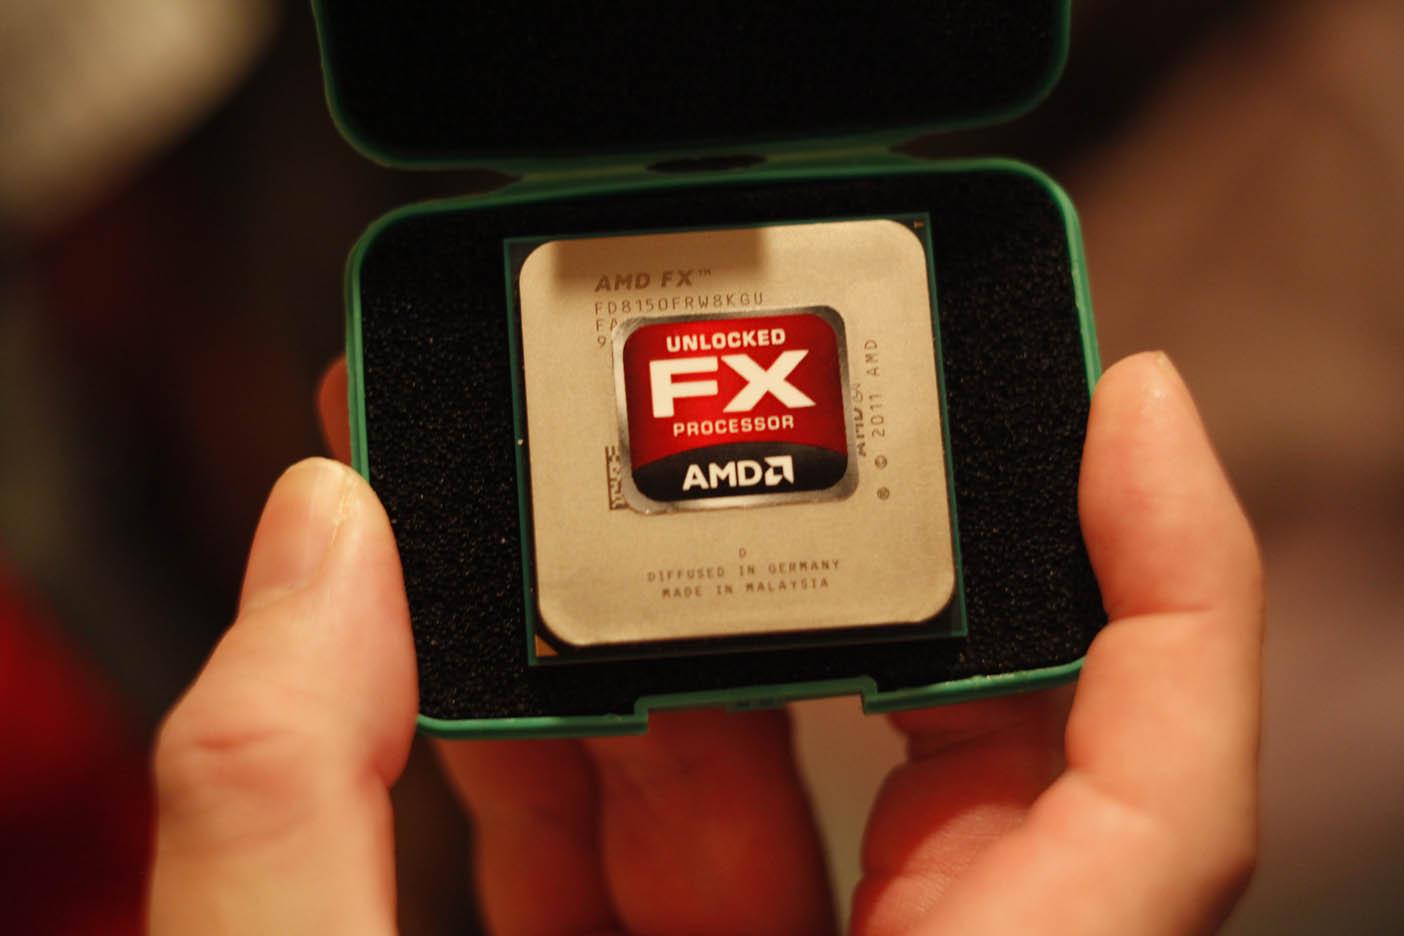 FX CPU